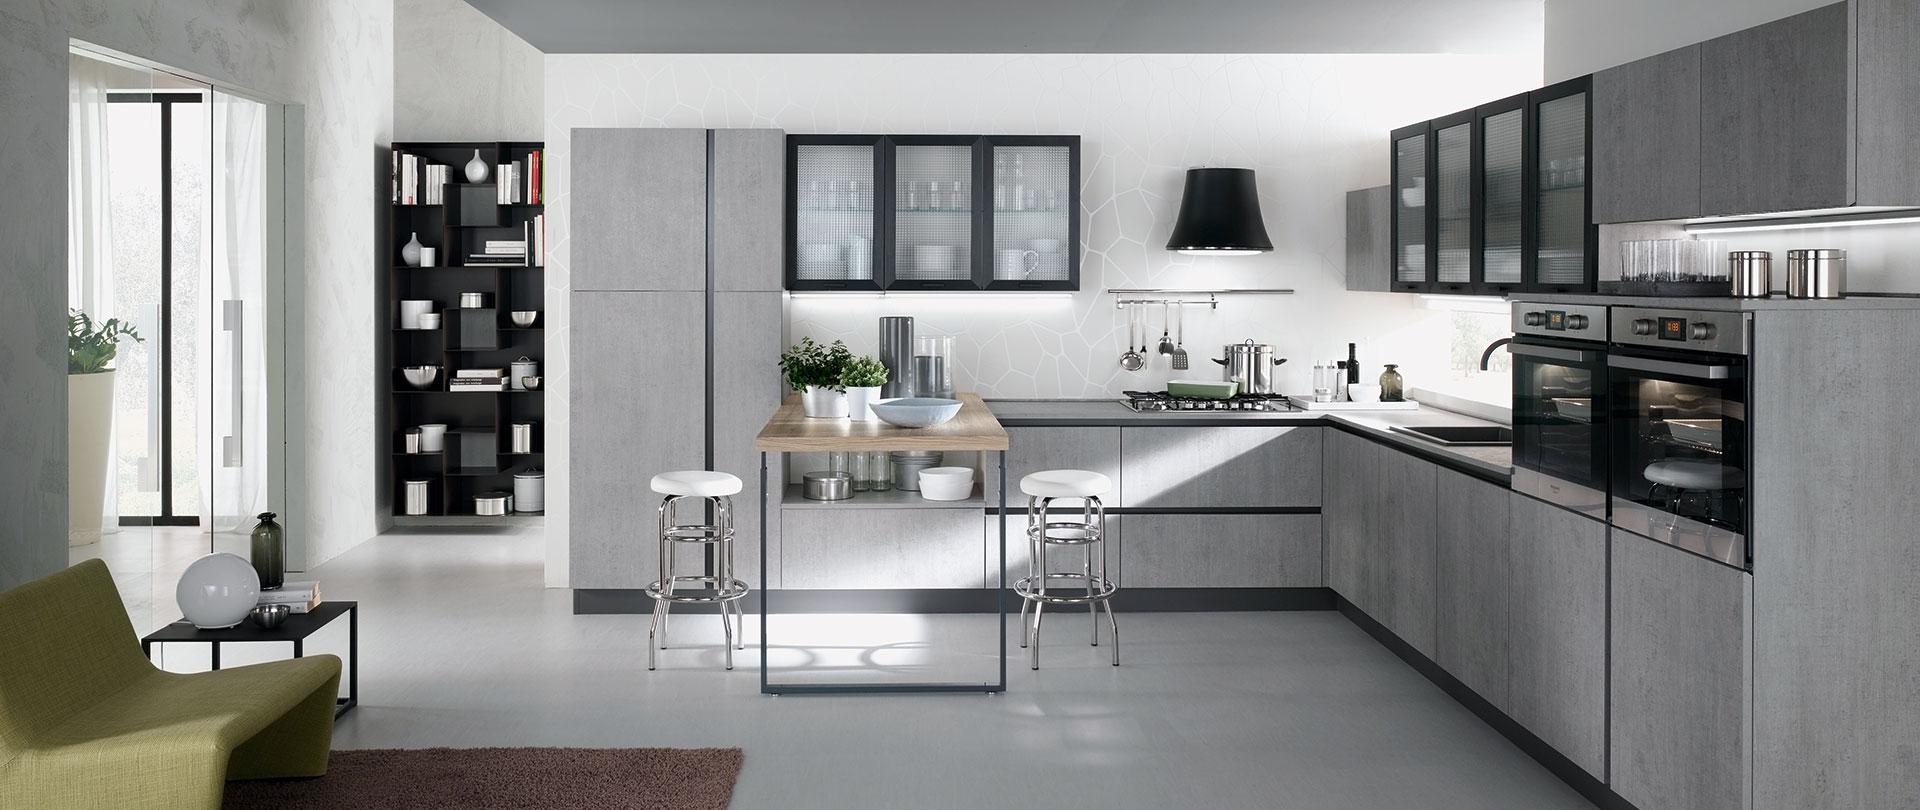 cucina_agora2